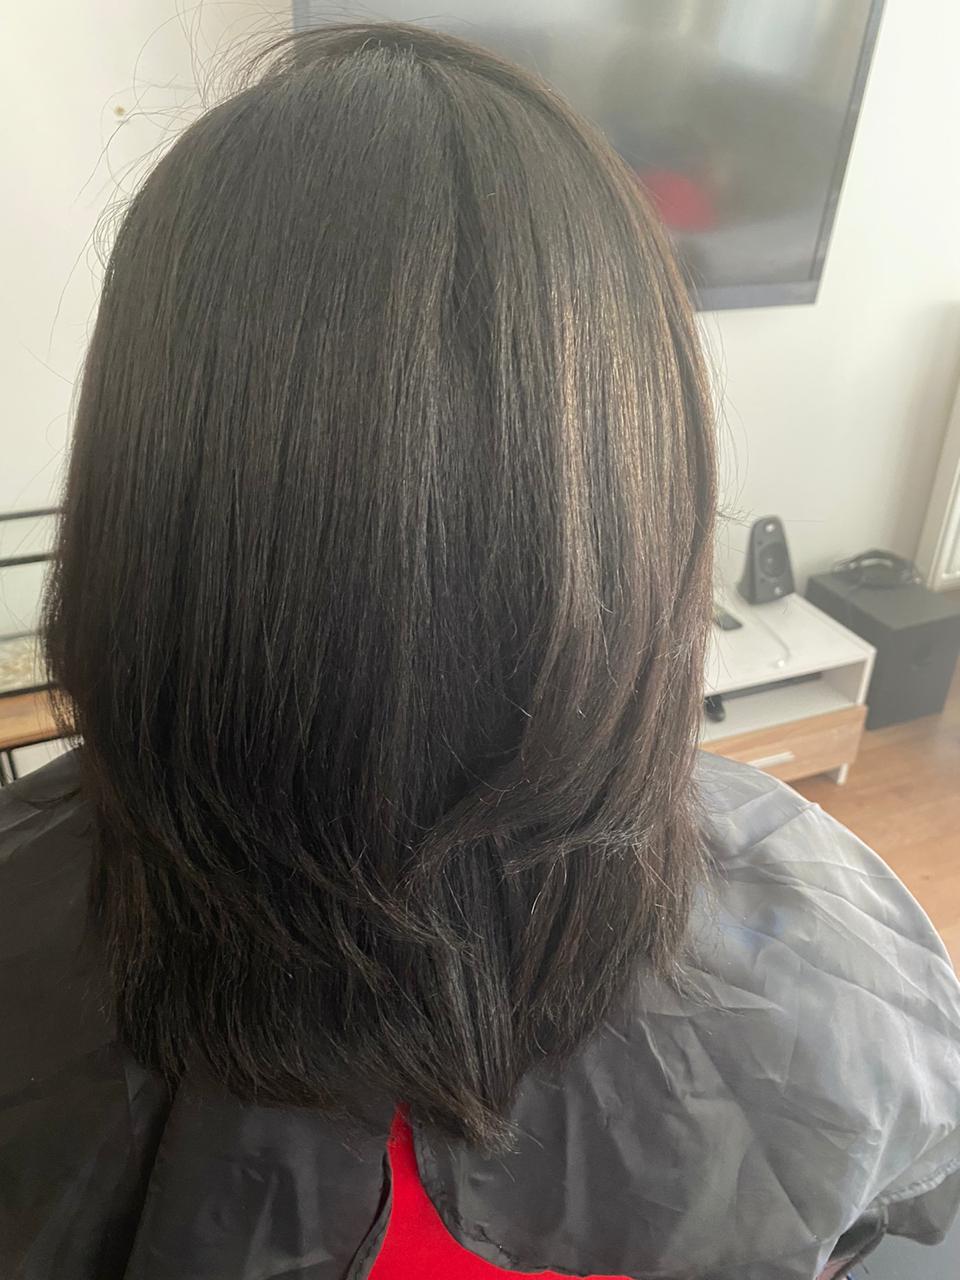 salon de coiffure afro tresse tresses box braids crochet braids vanilles tissages paris 75 77 78 91 92 93 94 95 EMIKDKHL